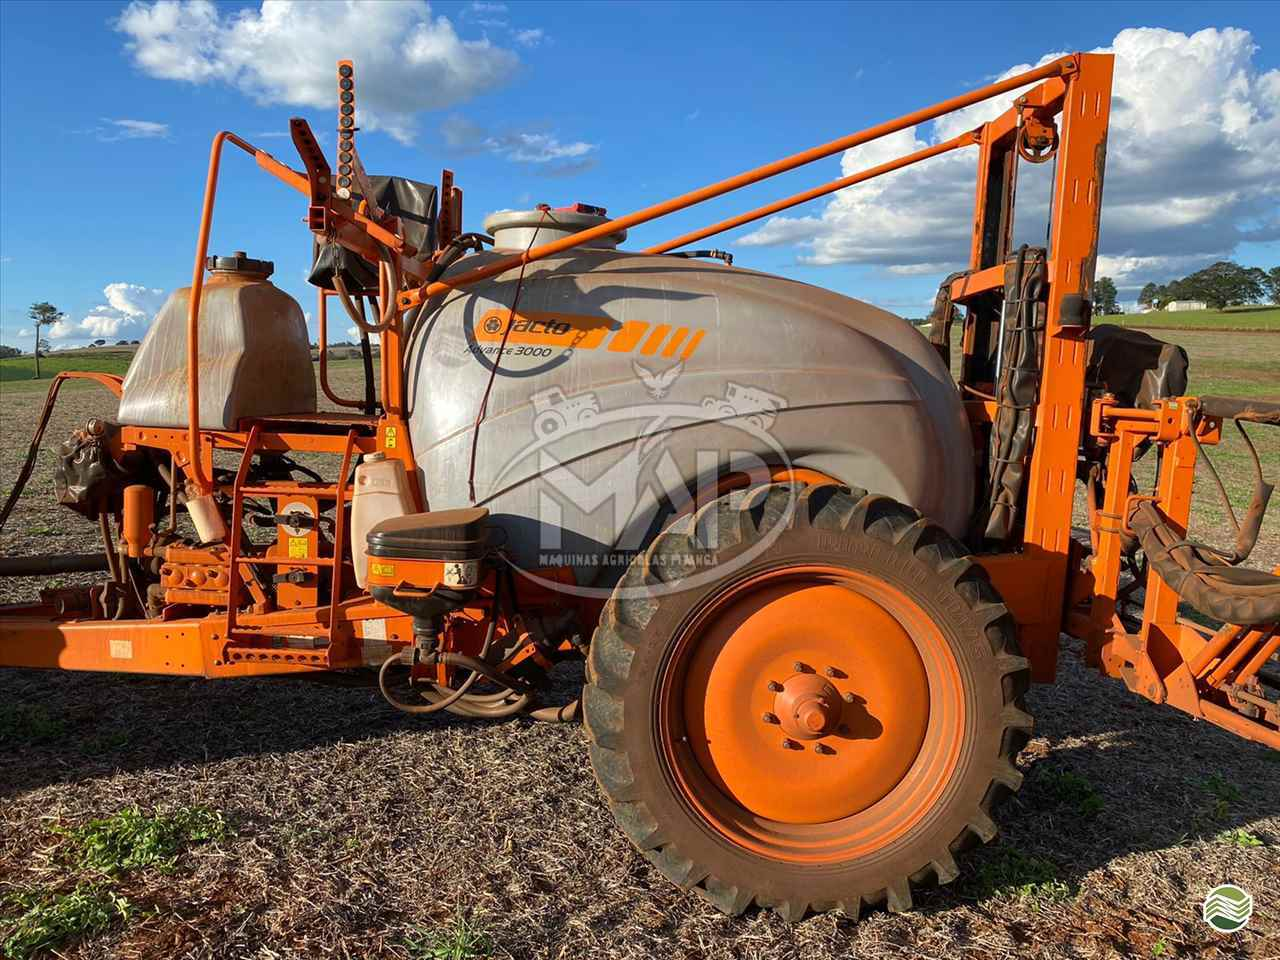 PULVERIZADOR JACTO ADVANCE 3000 AM24 Arrasto Máquinas Agrícolas Pitanga PITANGA PARANÁ PR